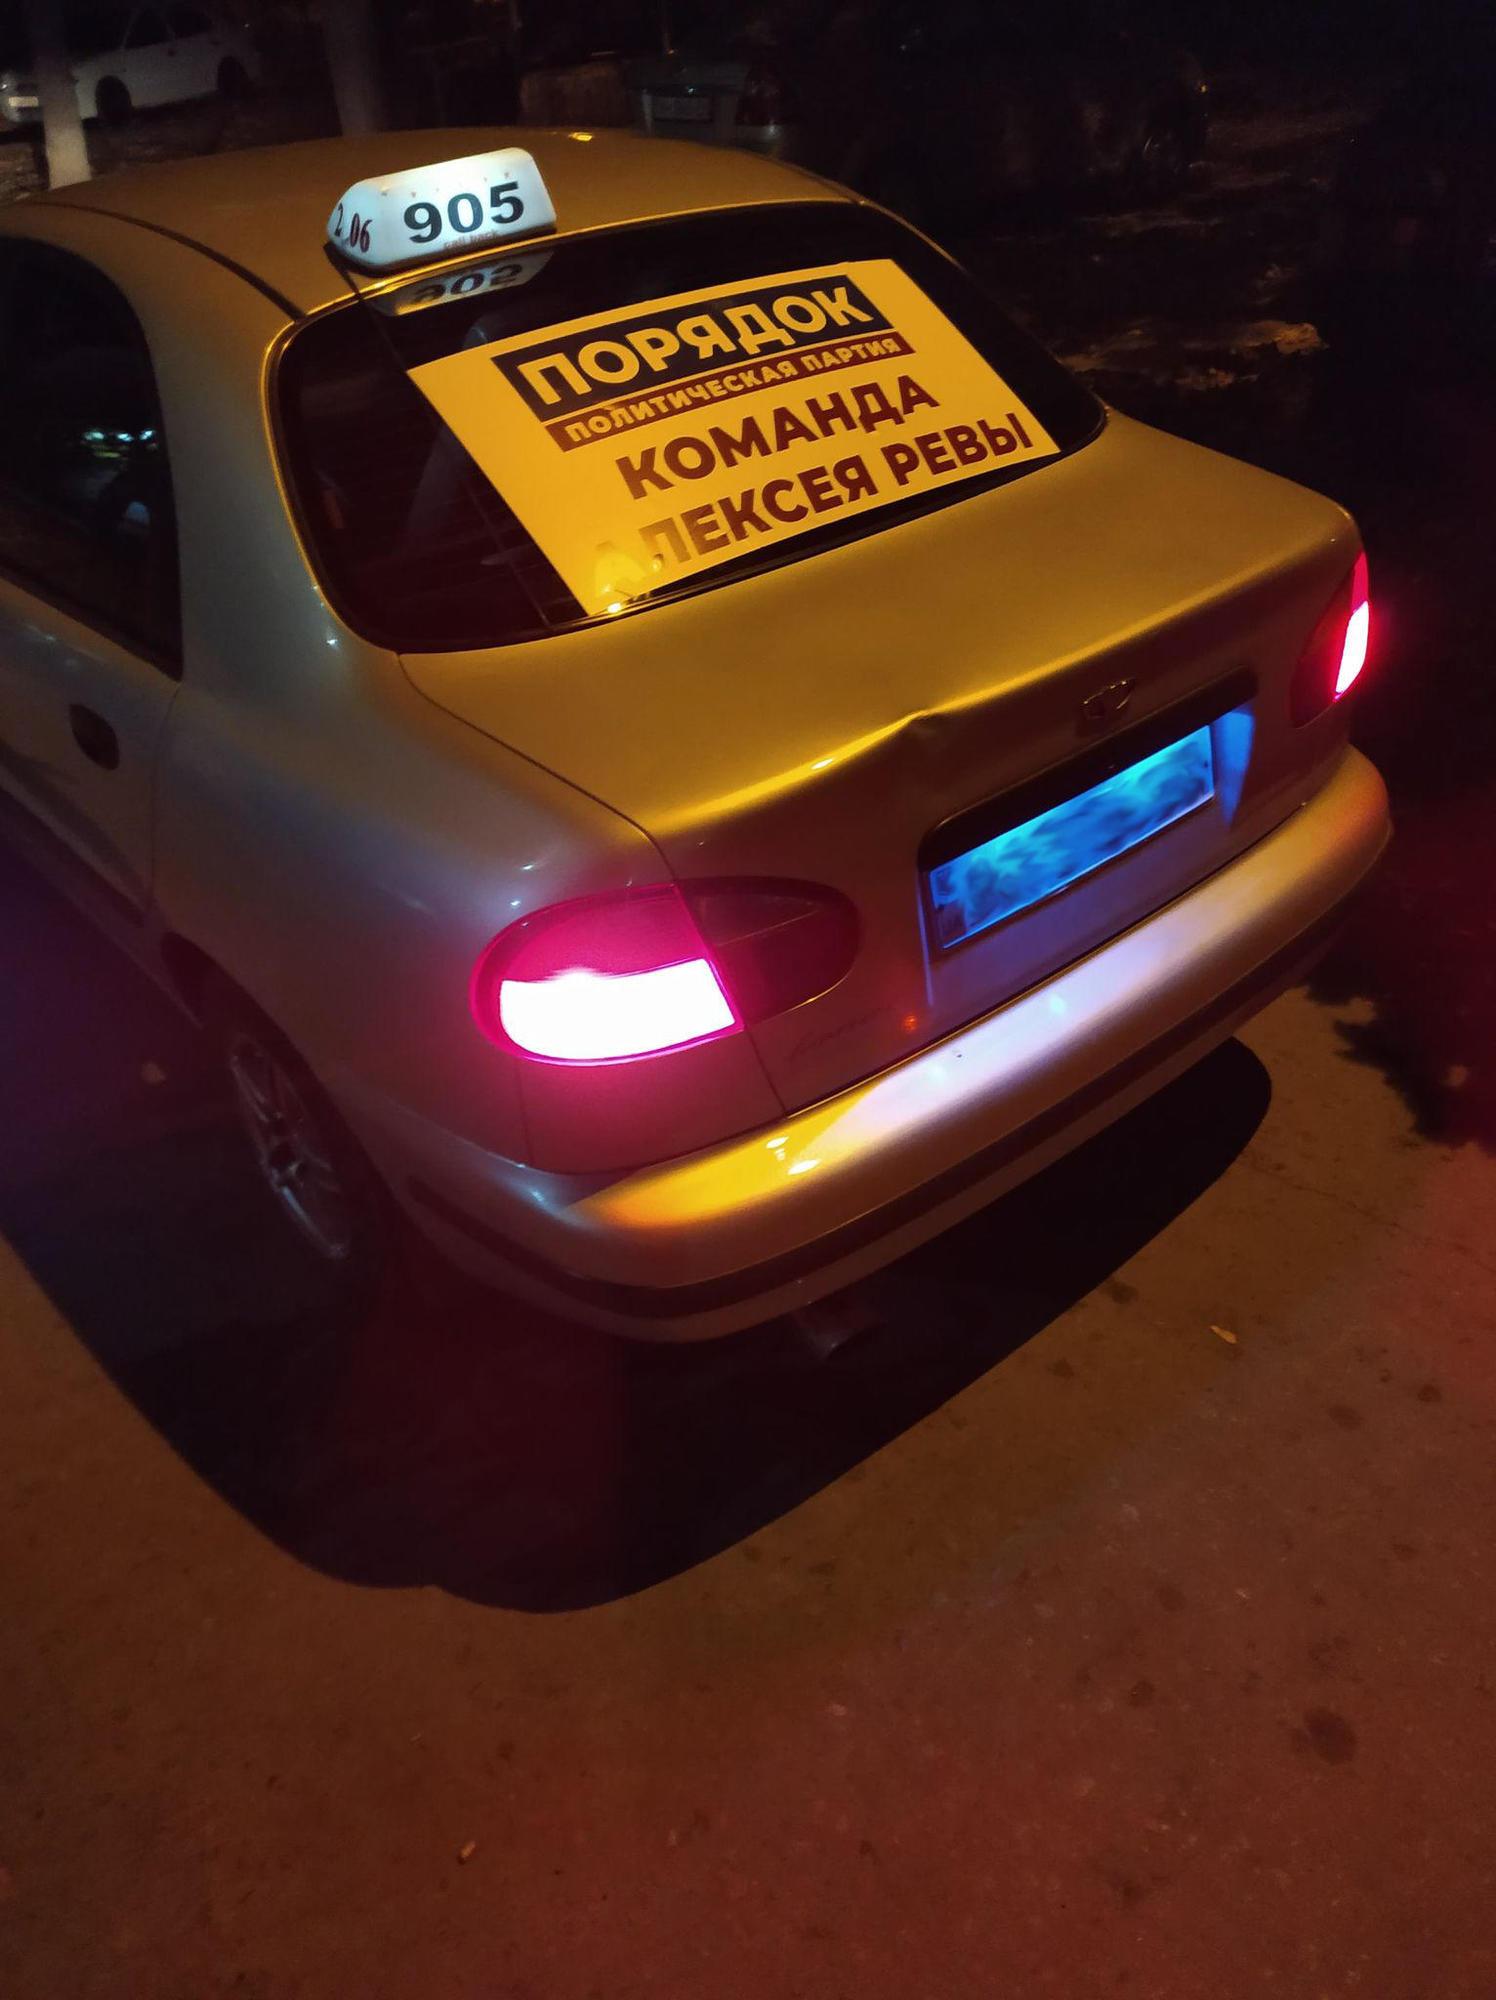 3 служби таксі Бахмута агітують за кандидатів та партії. Це заборонено законом